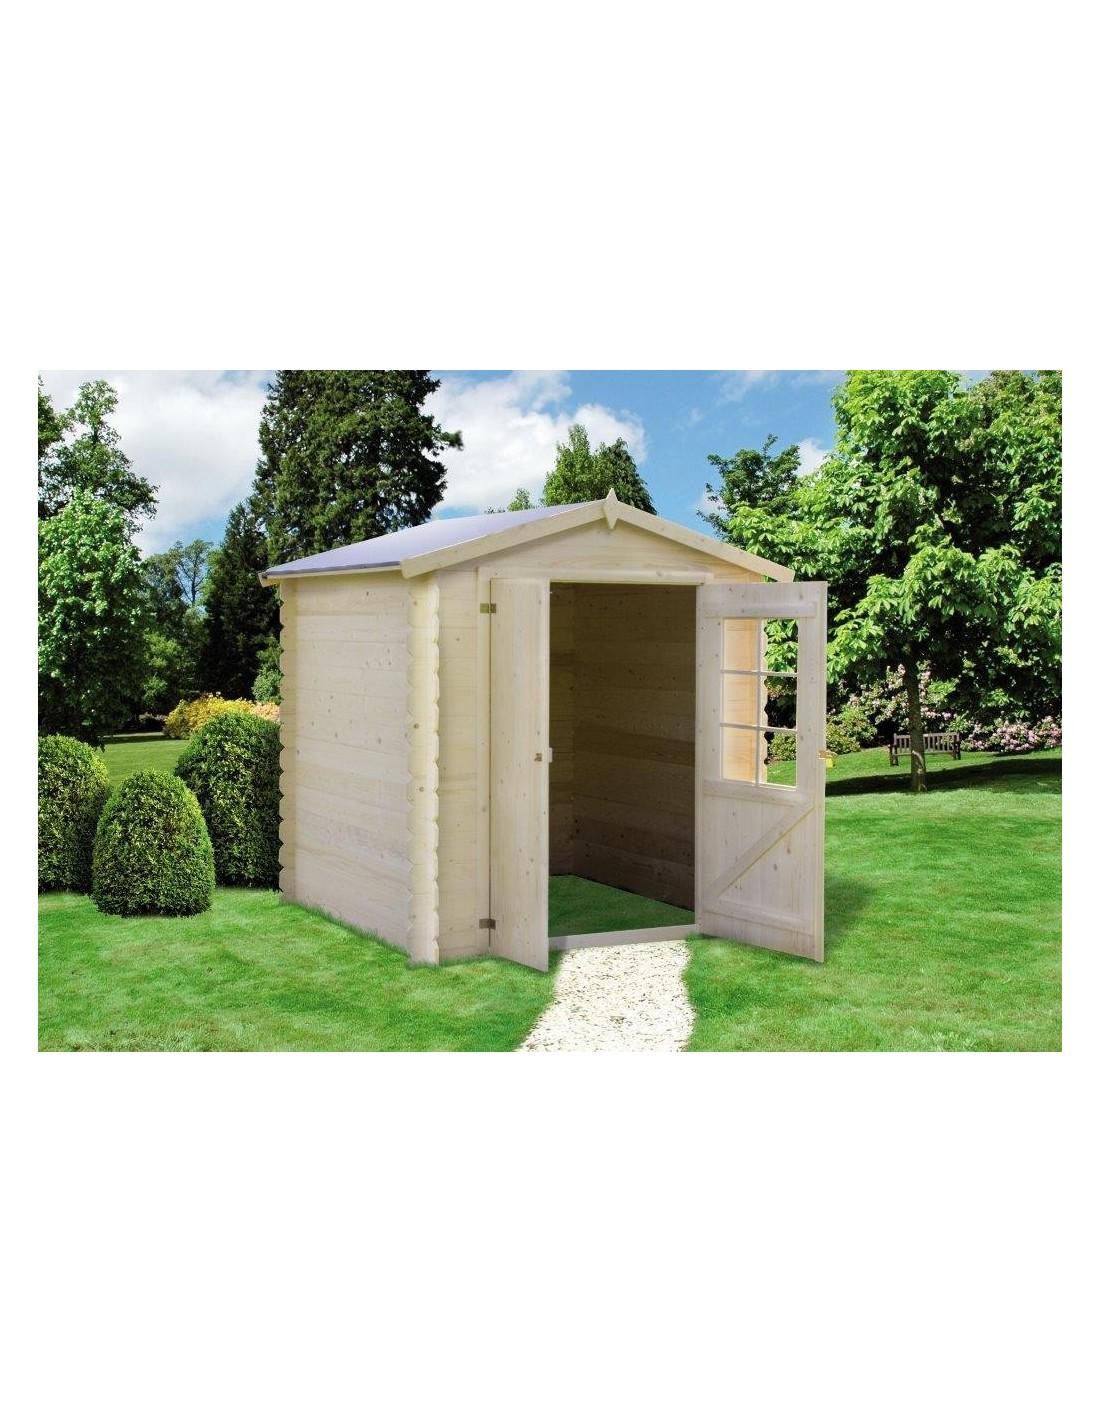 Chalet de jardin en bois 2x2m paisseur 19mm2 - Chalet de jardin en bois ...